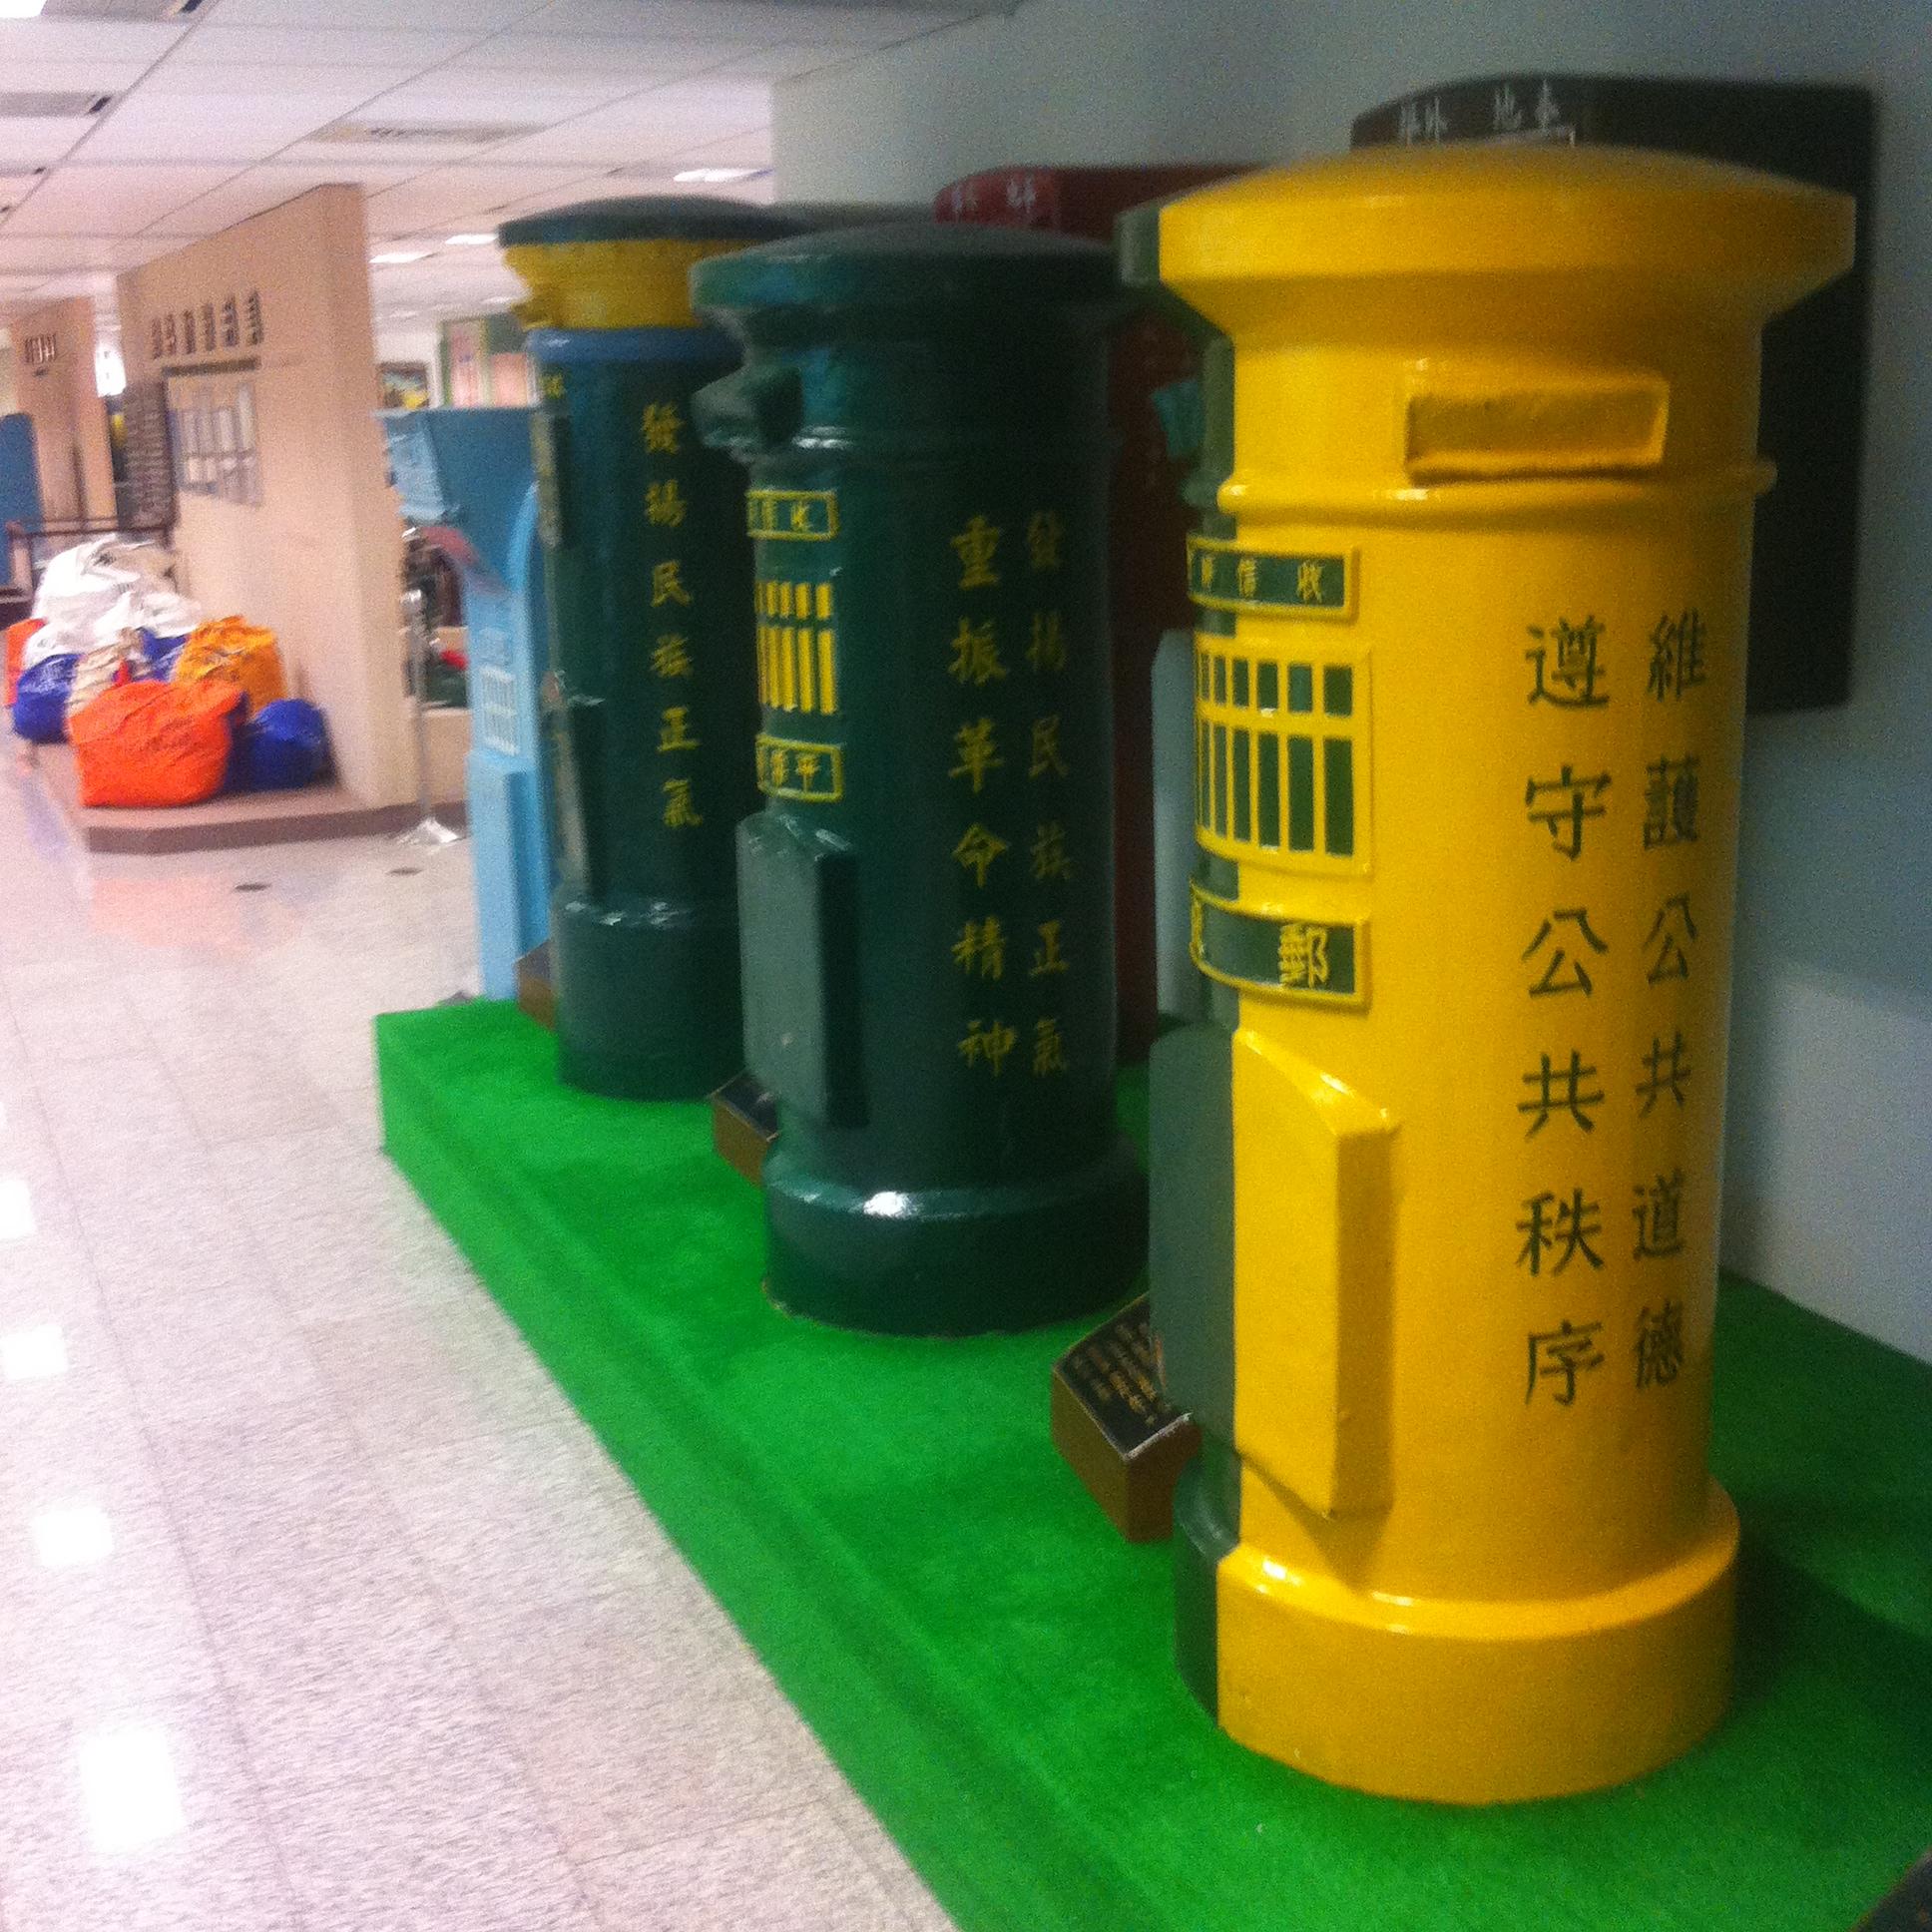 【趣味】台北郵政博物館で台湾の切手たちと戯れる~